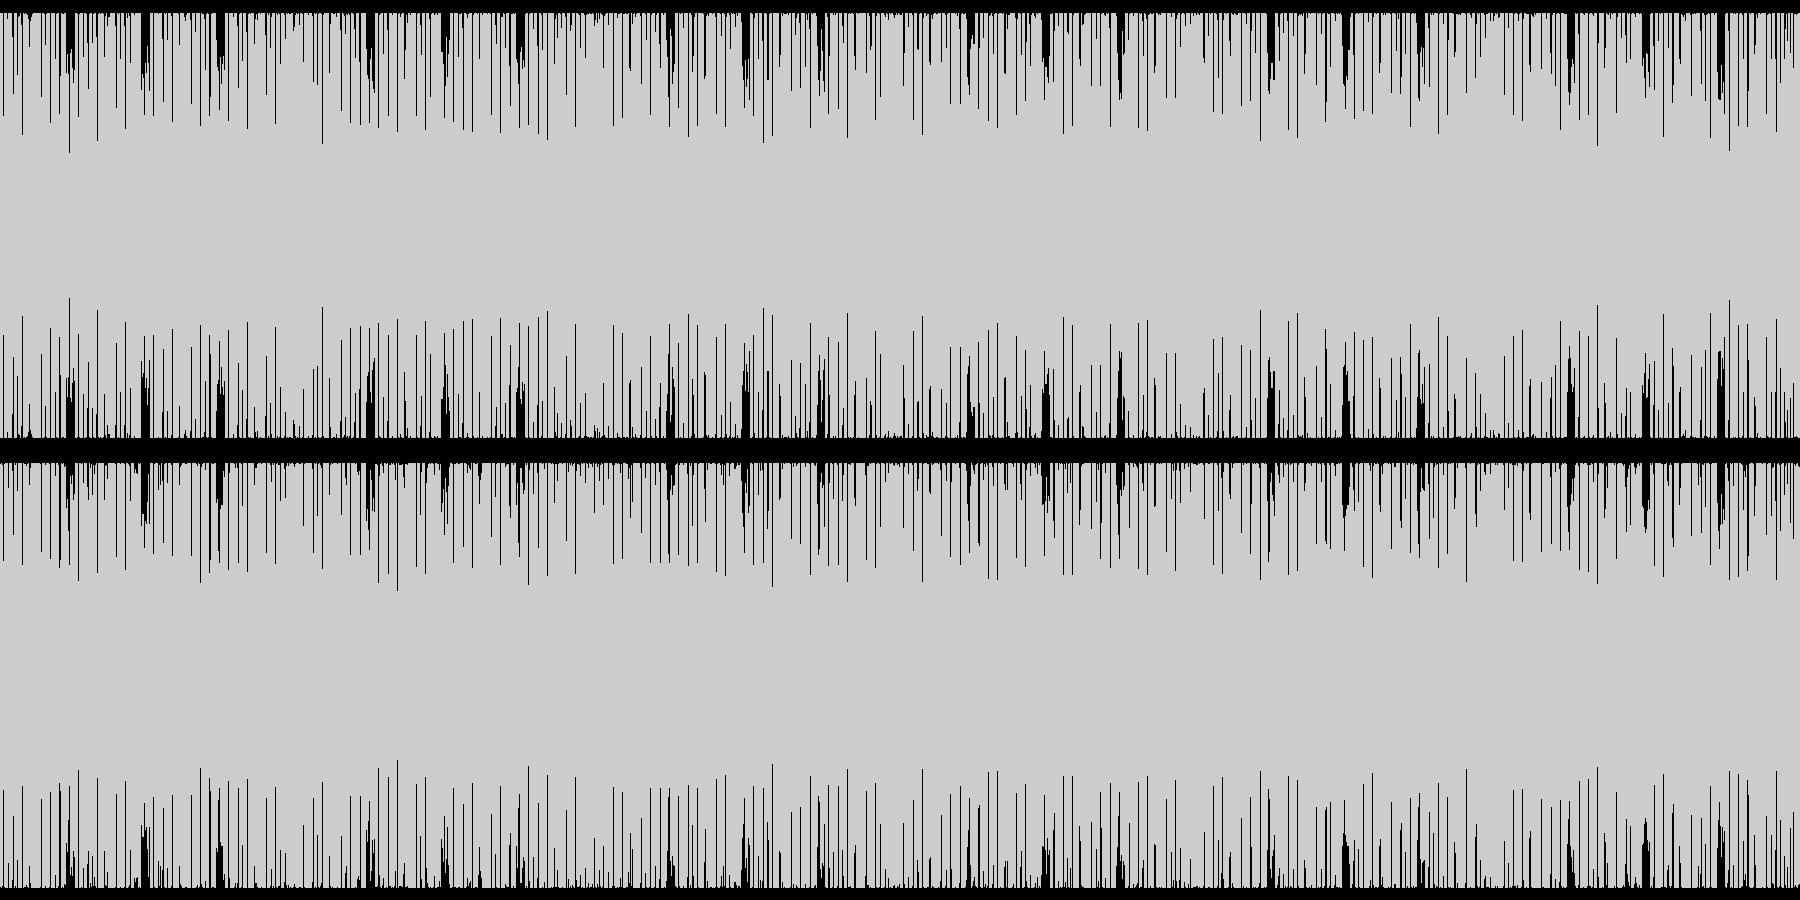 ピコピコキラキラテクノポップ-スローの未再生の波形